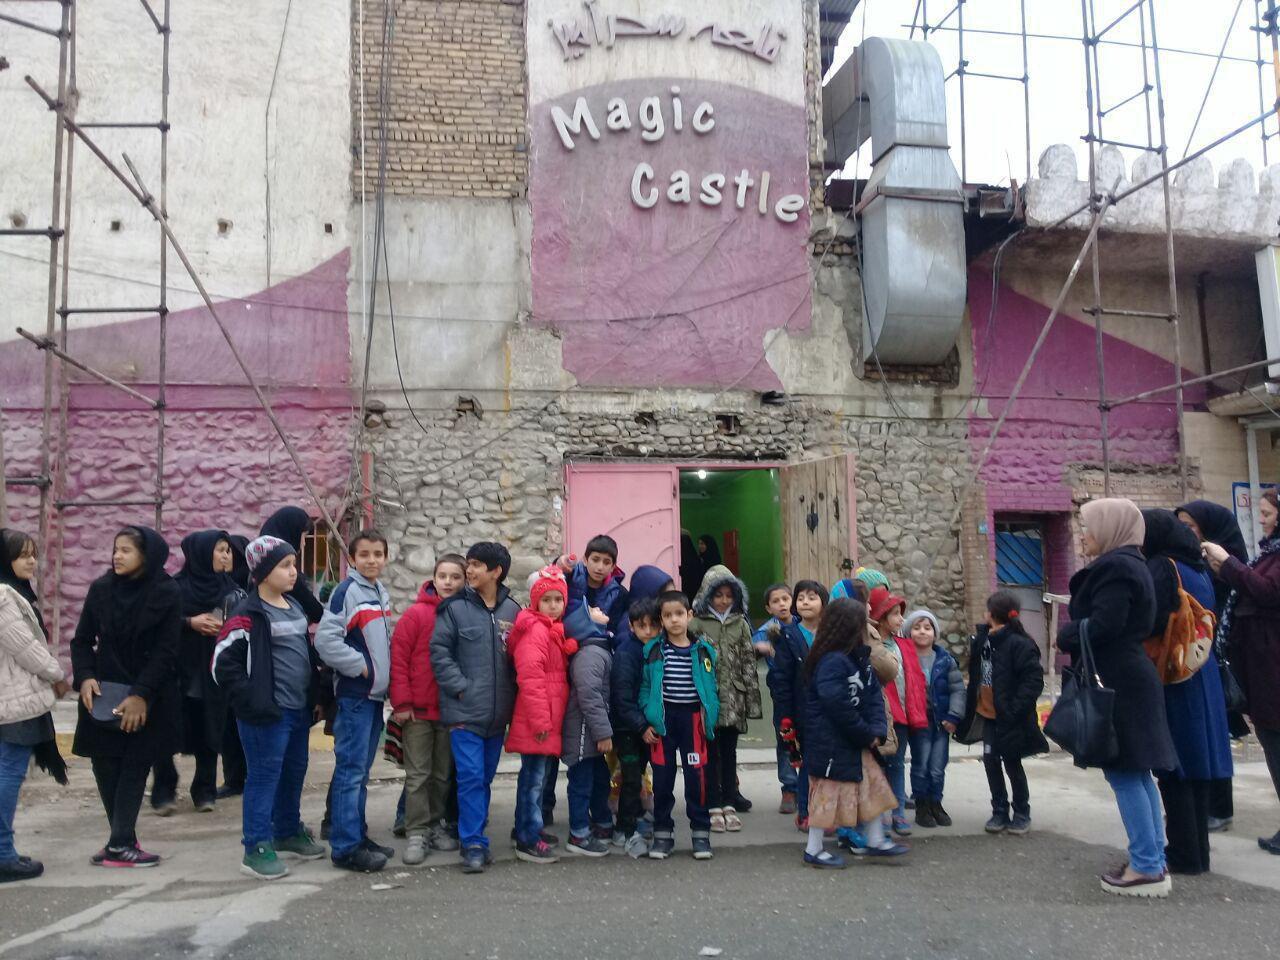 ۴۰ نفر از کودکان ۶ تا ۱۲ ساله مهرآفرین مهمان قلعه سحرآمیز بودند.